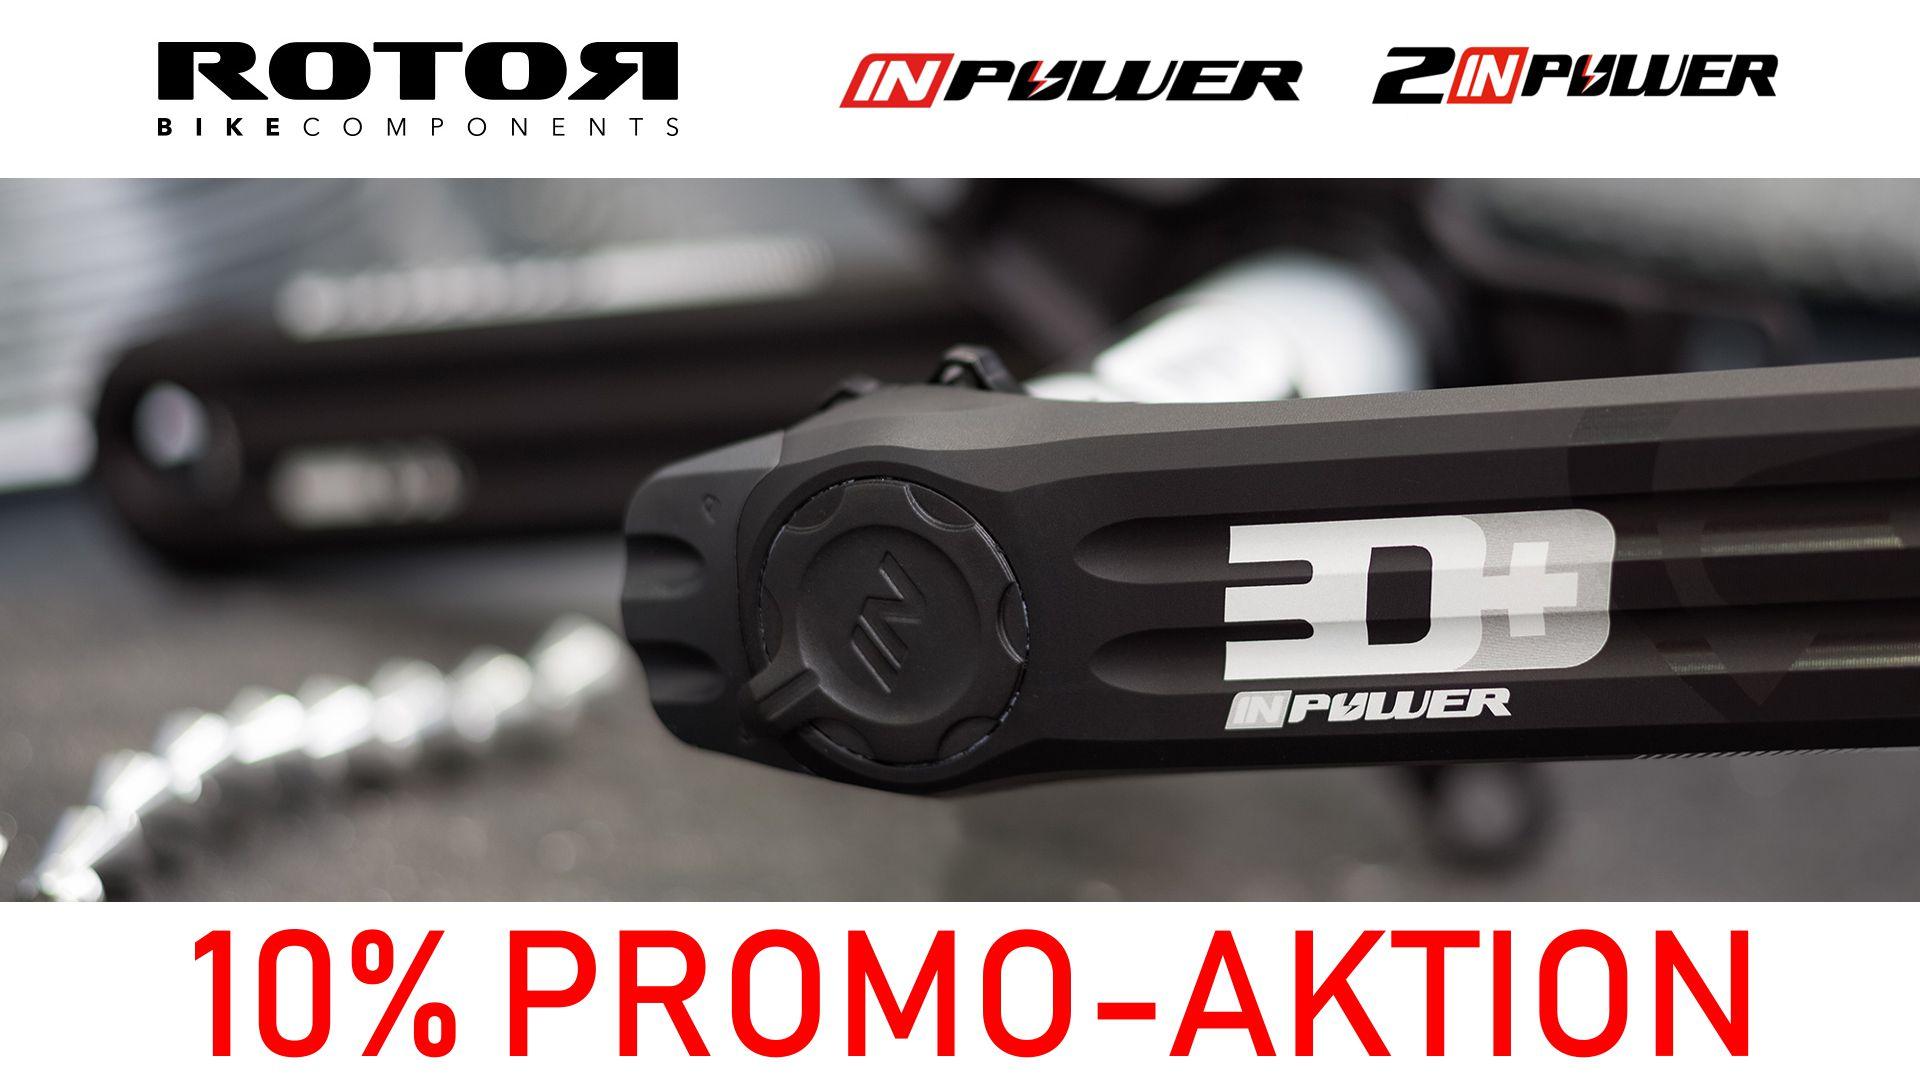 Rotor Powermeter-Promotion